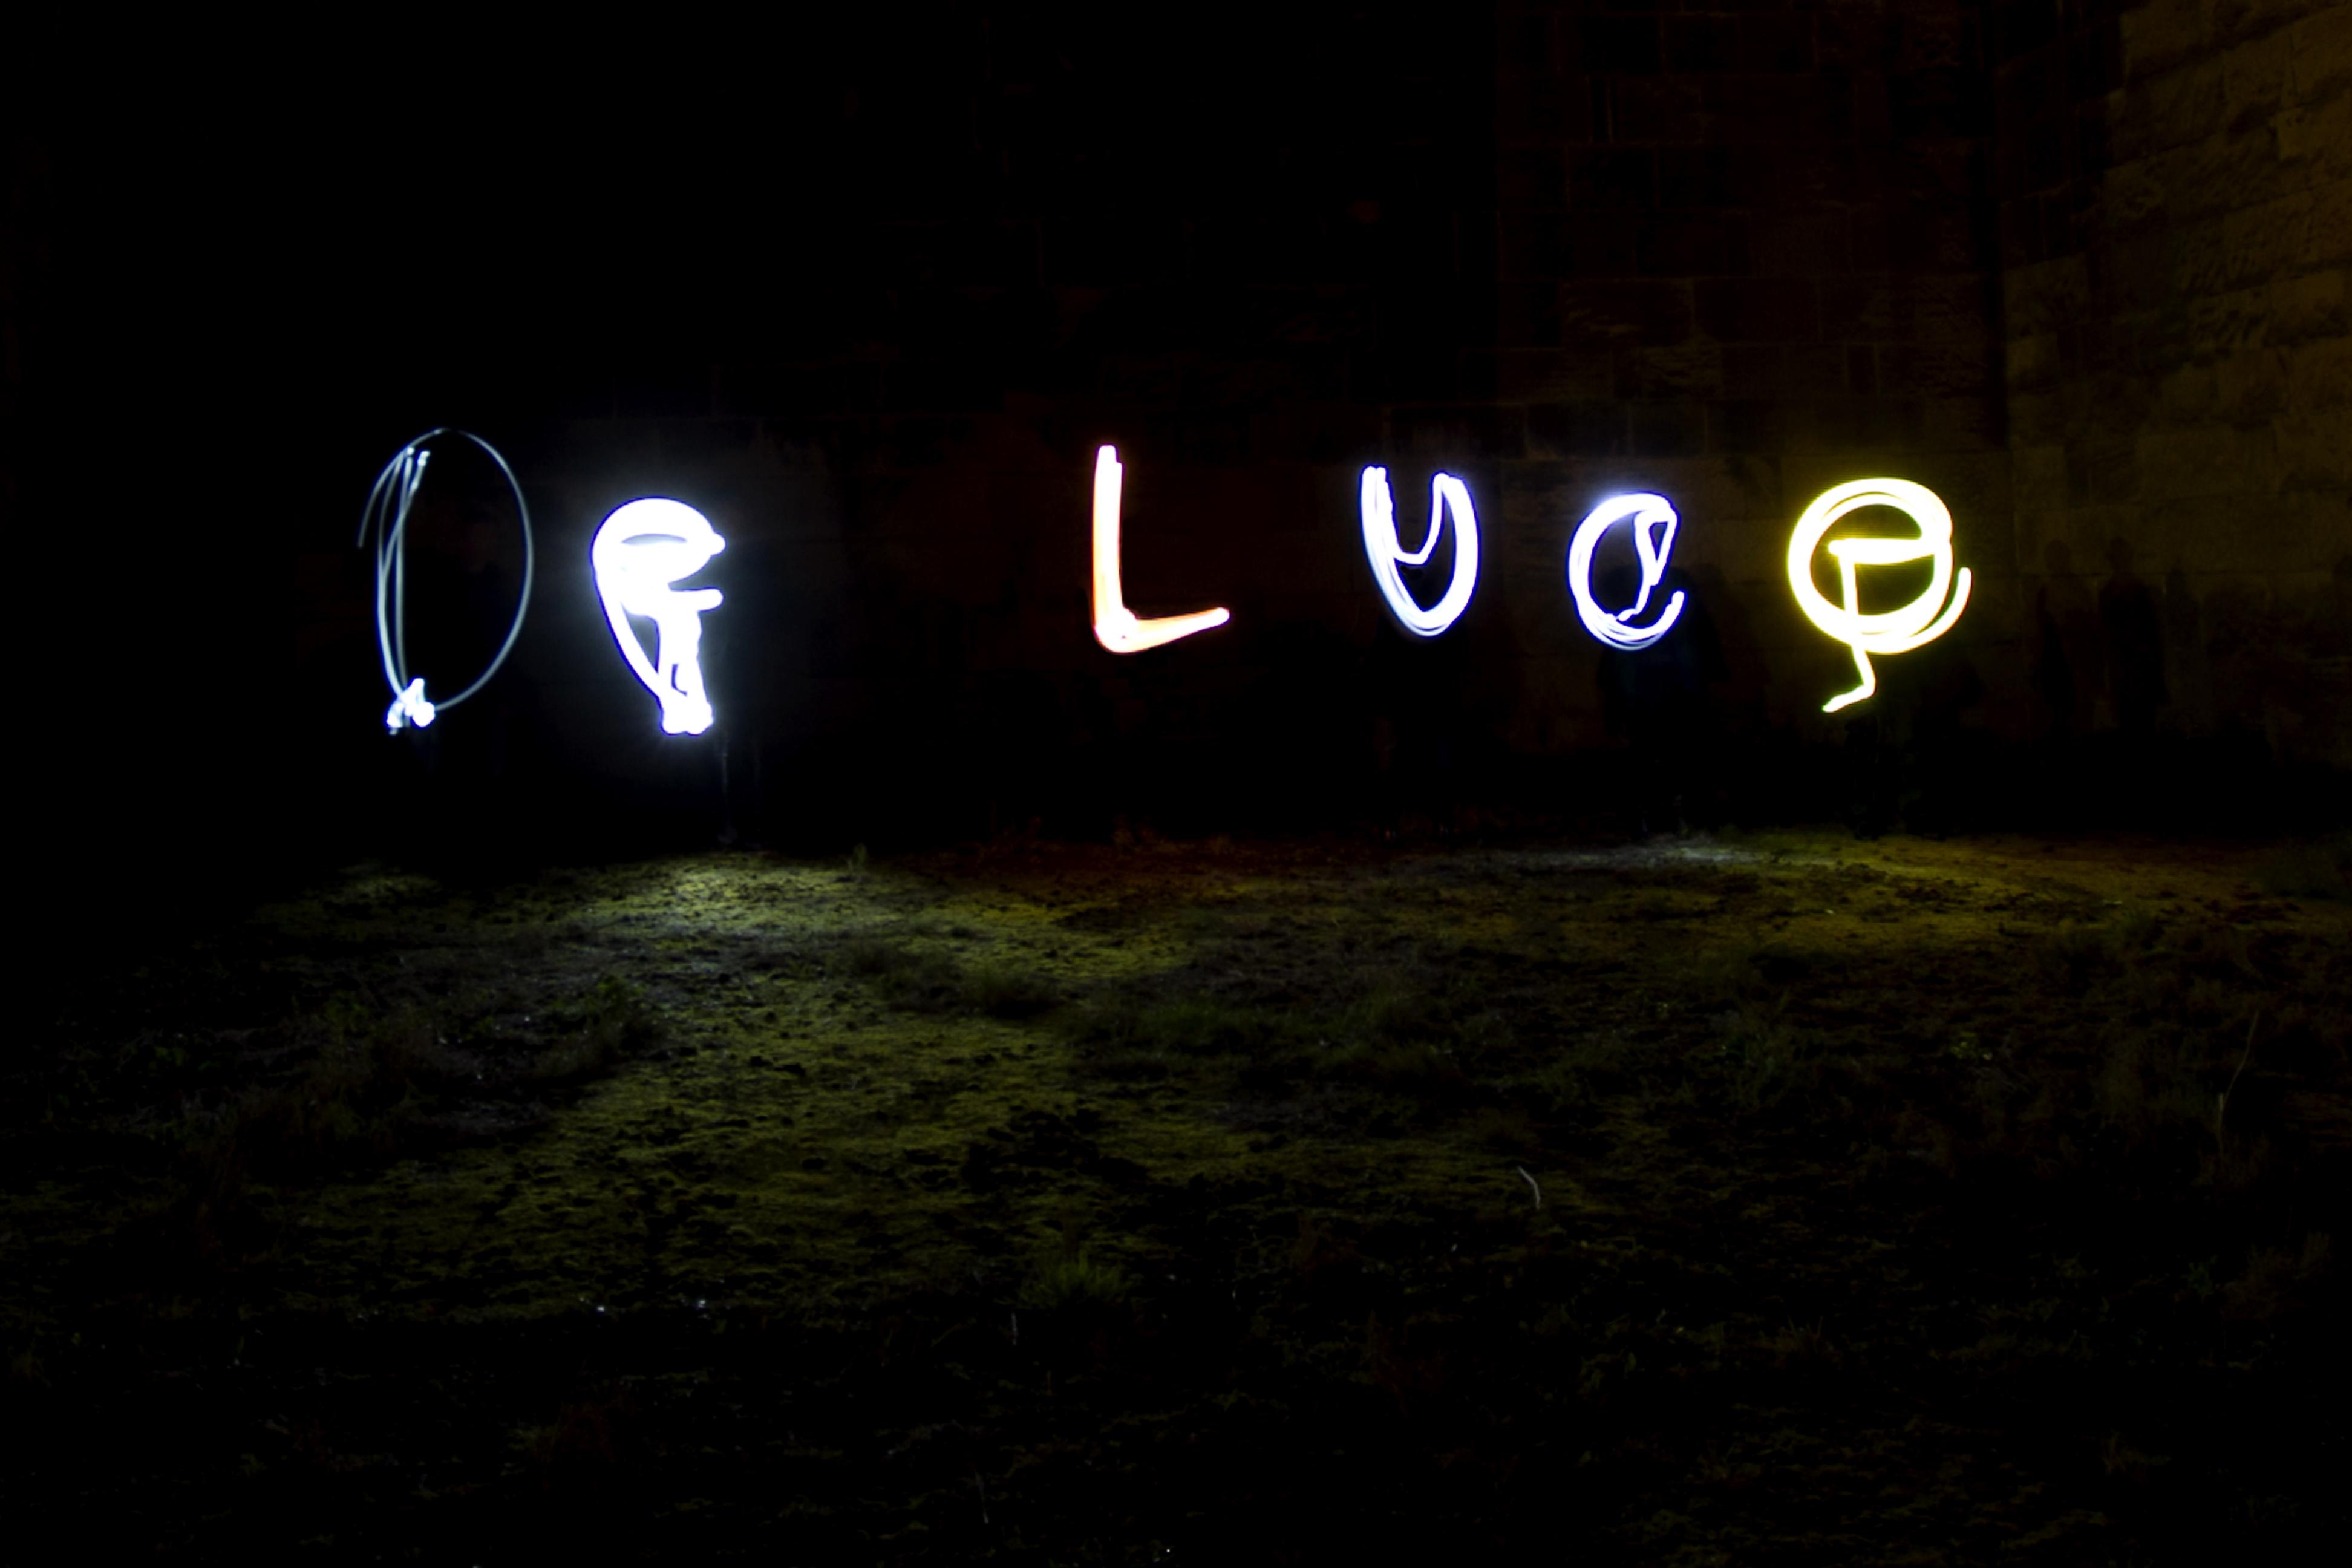 De Luce